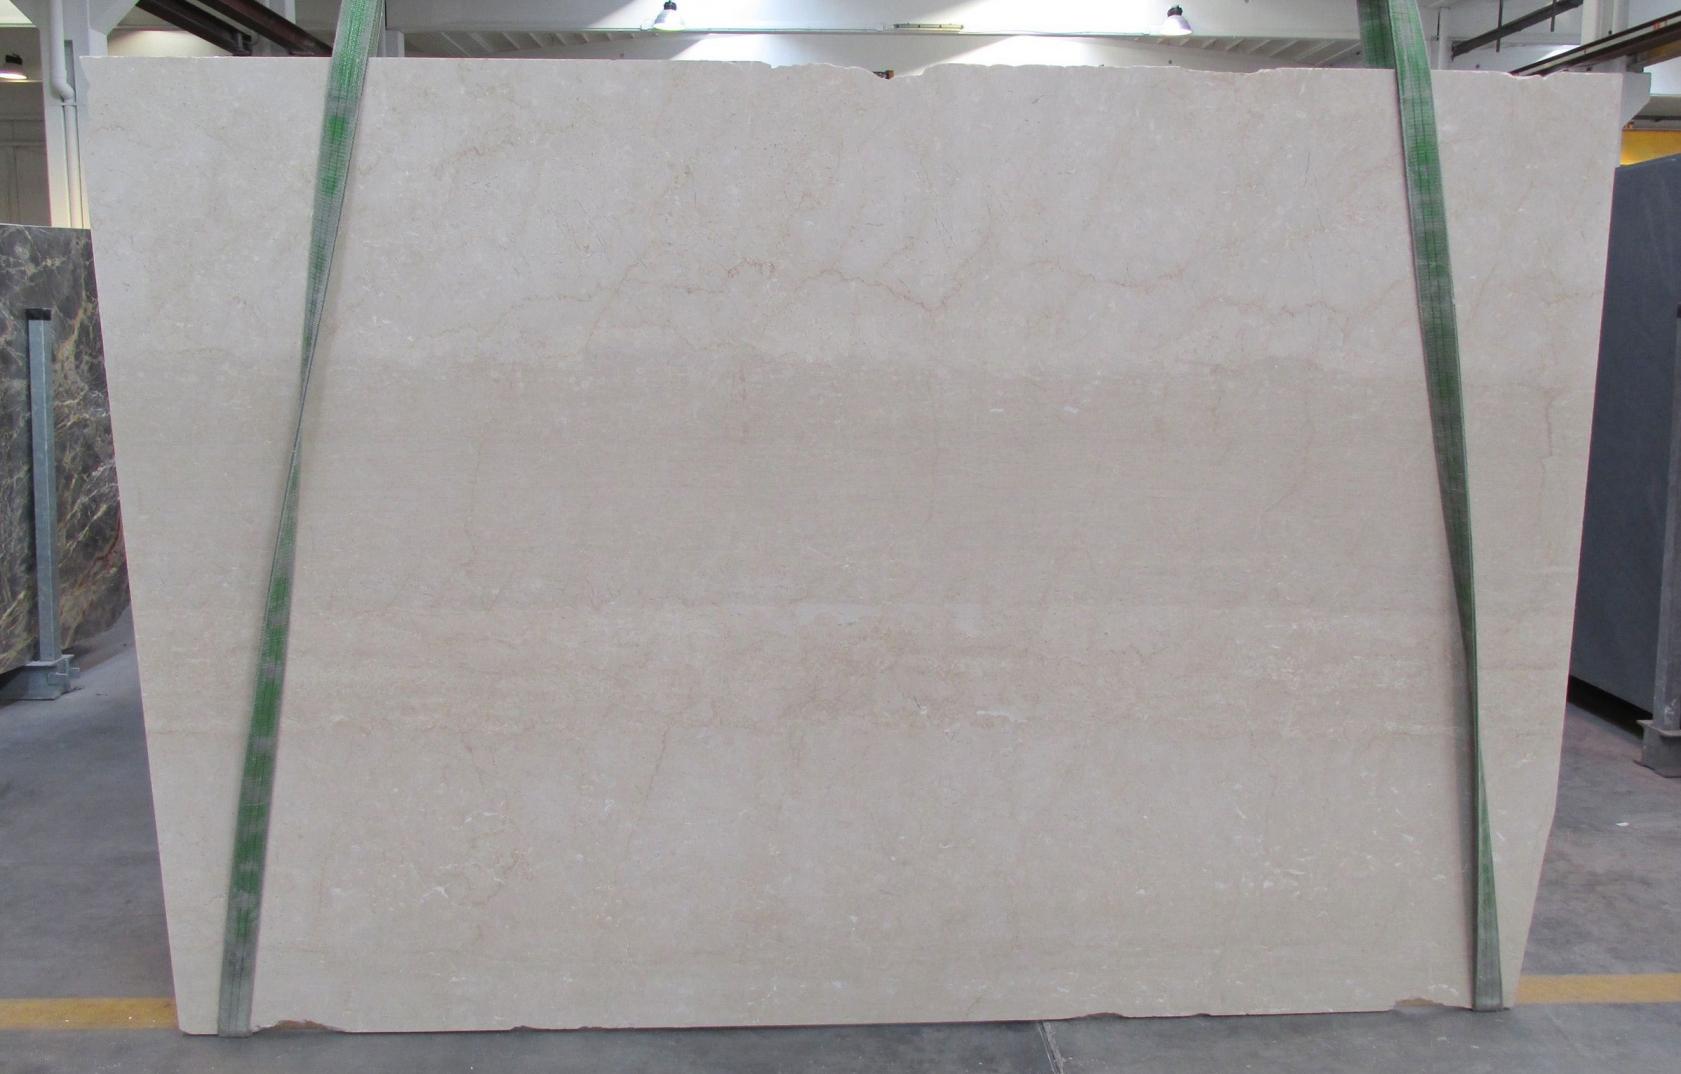 BOTTICINO SEMICLASSICO Suministro Veneto (Italia) de planchas pulidas en mármol natural 1278M , Bundle #1